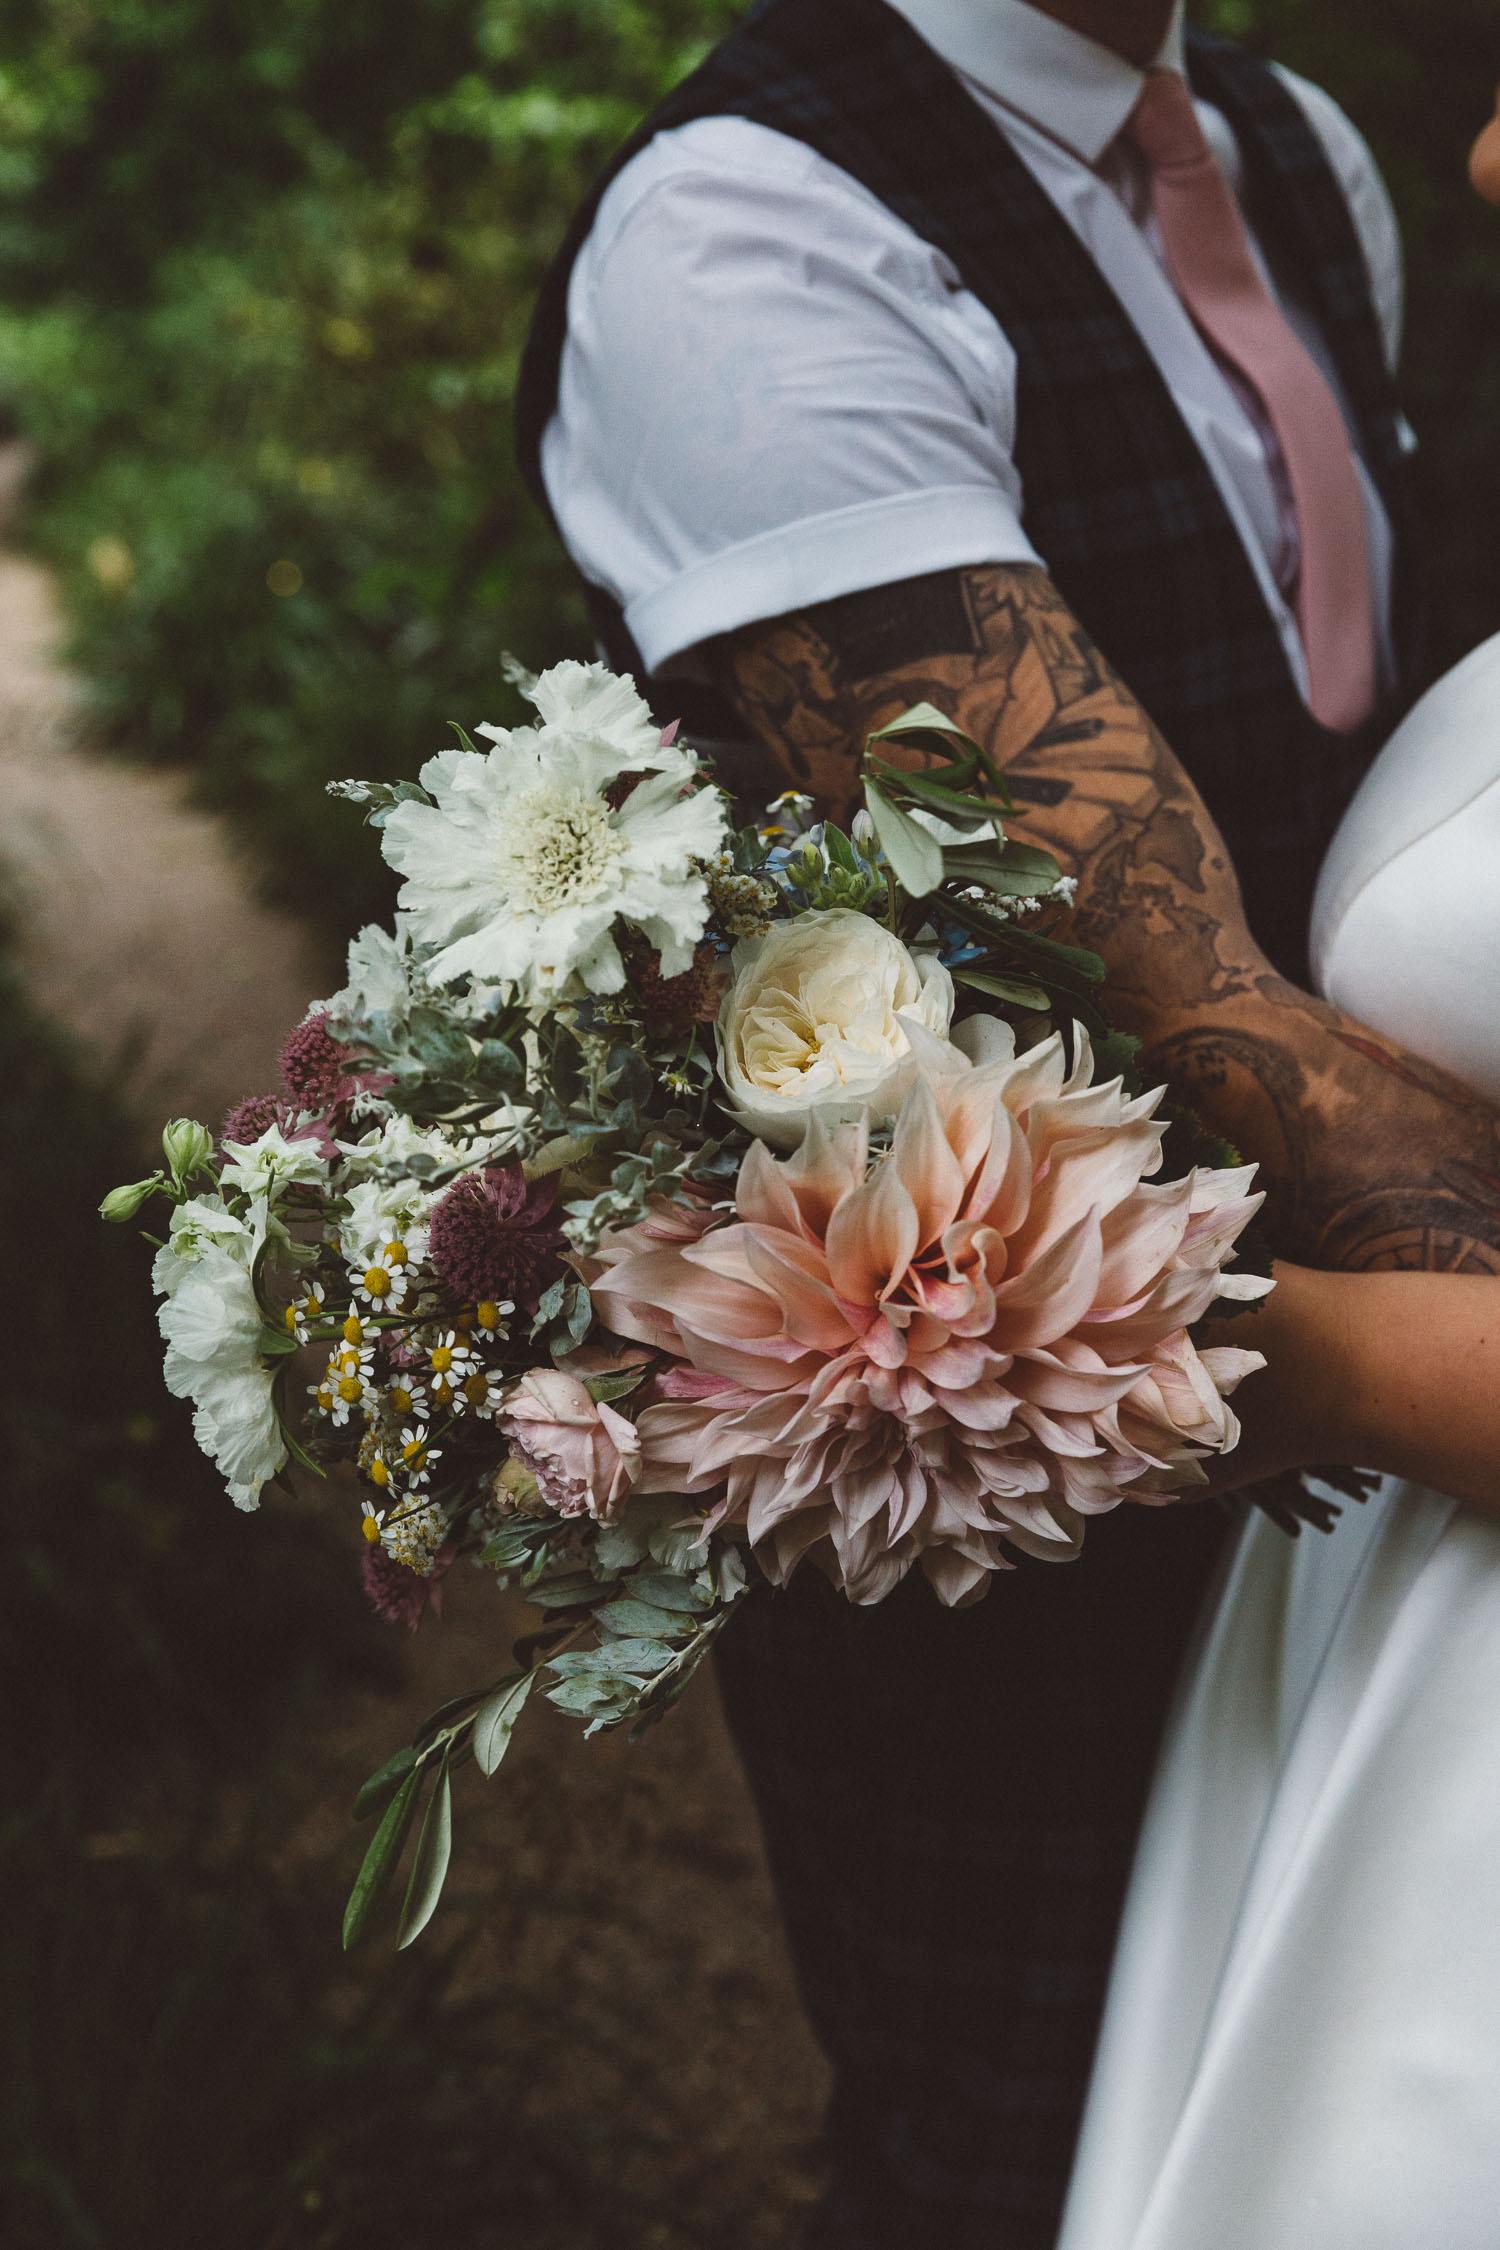 Wedding-photography-Hortus-Botanicus-On-a-hazy-morning-Amsterdam001.jpg